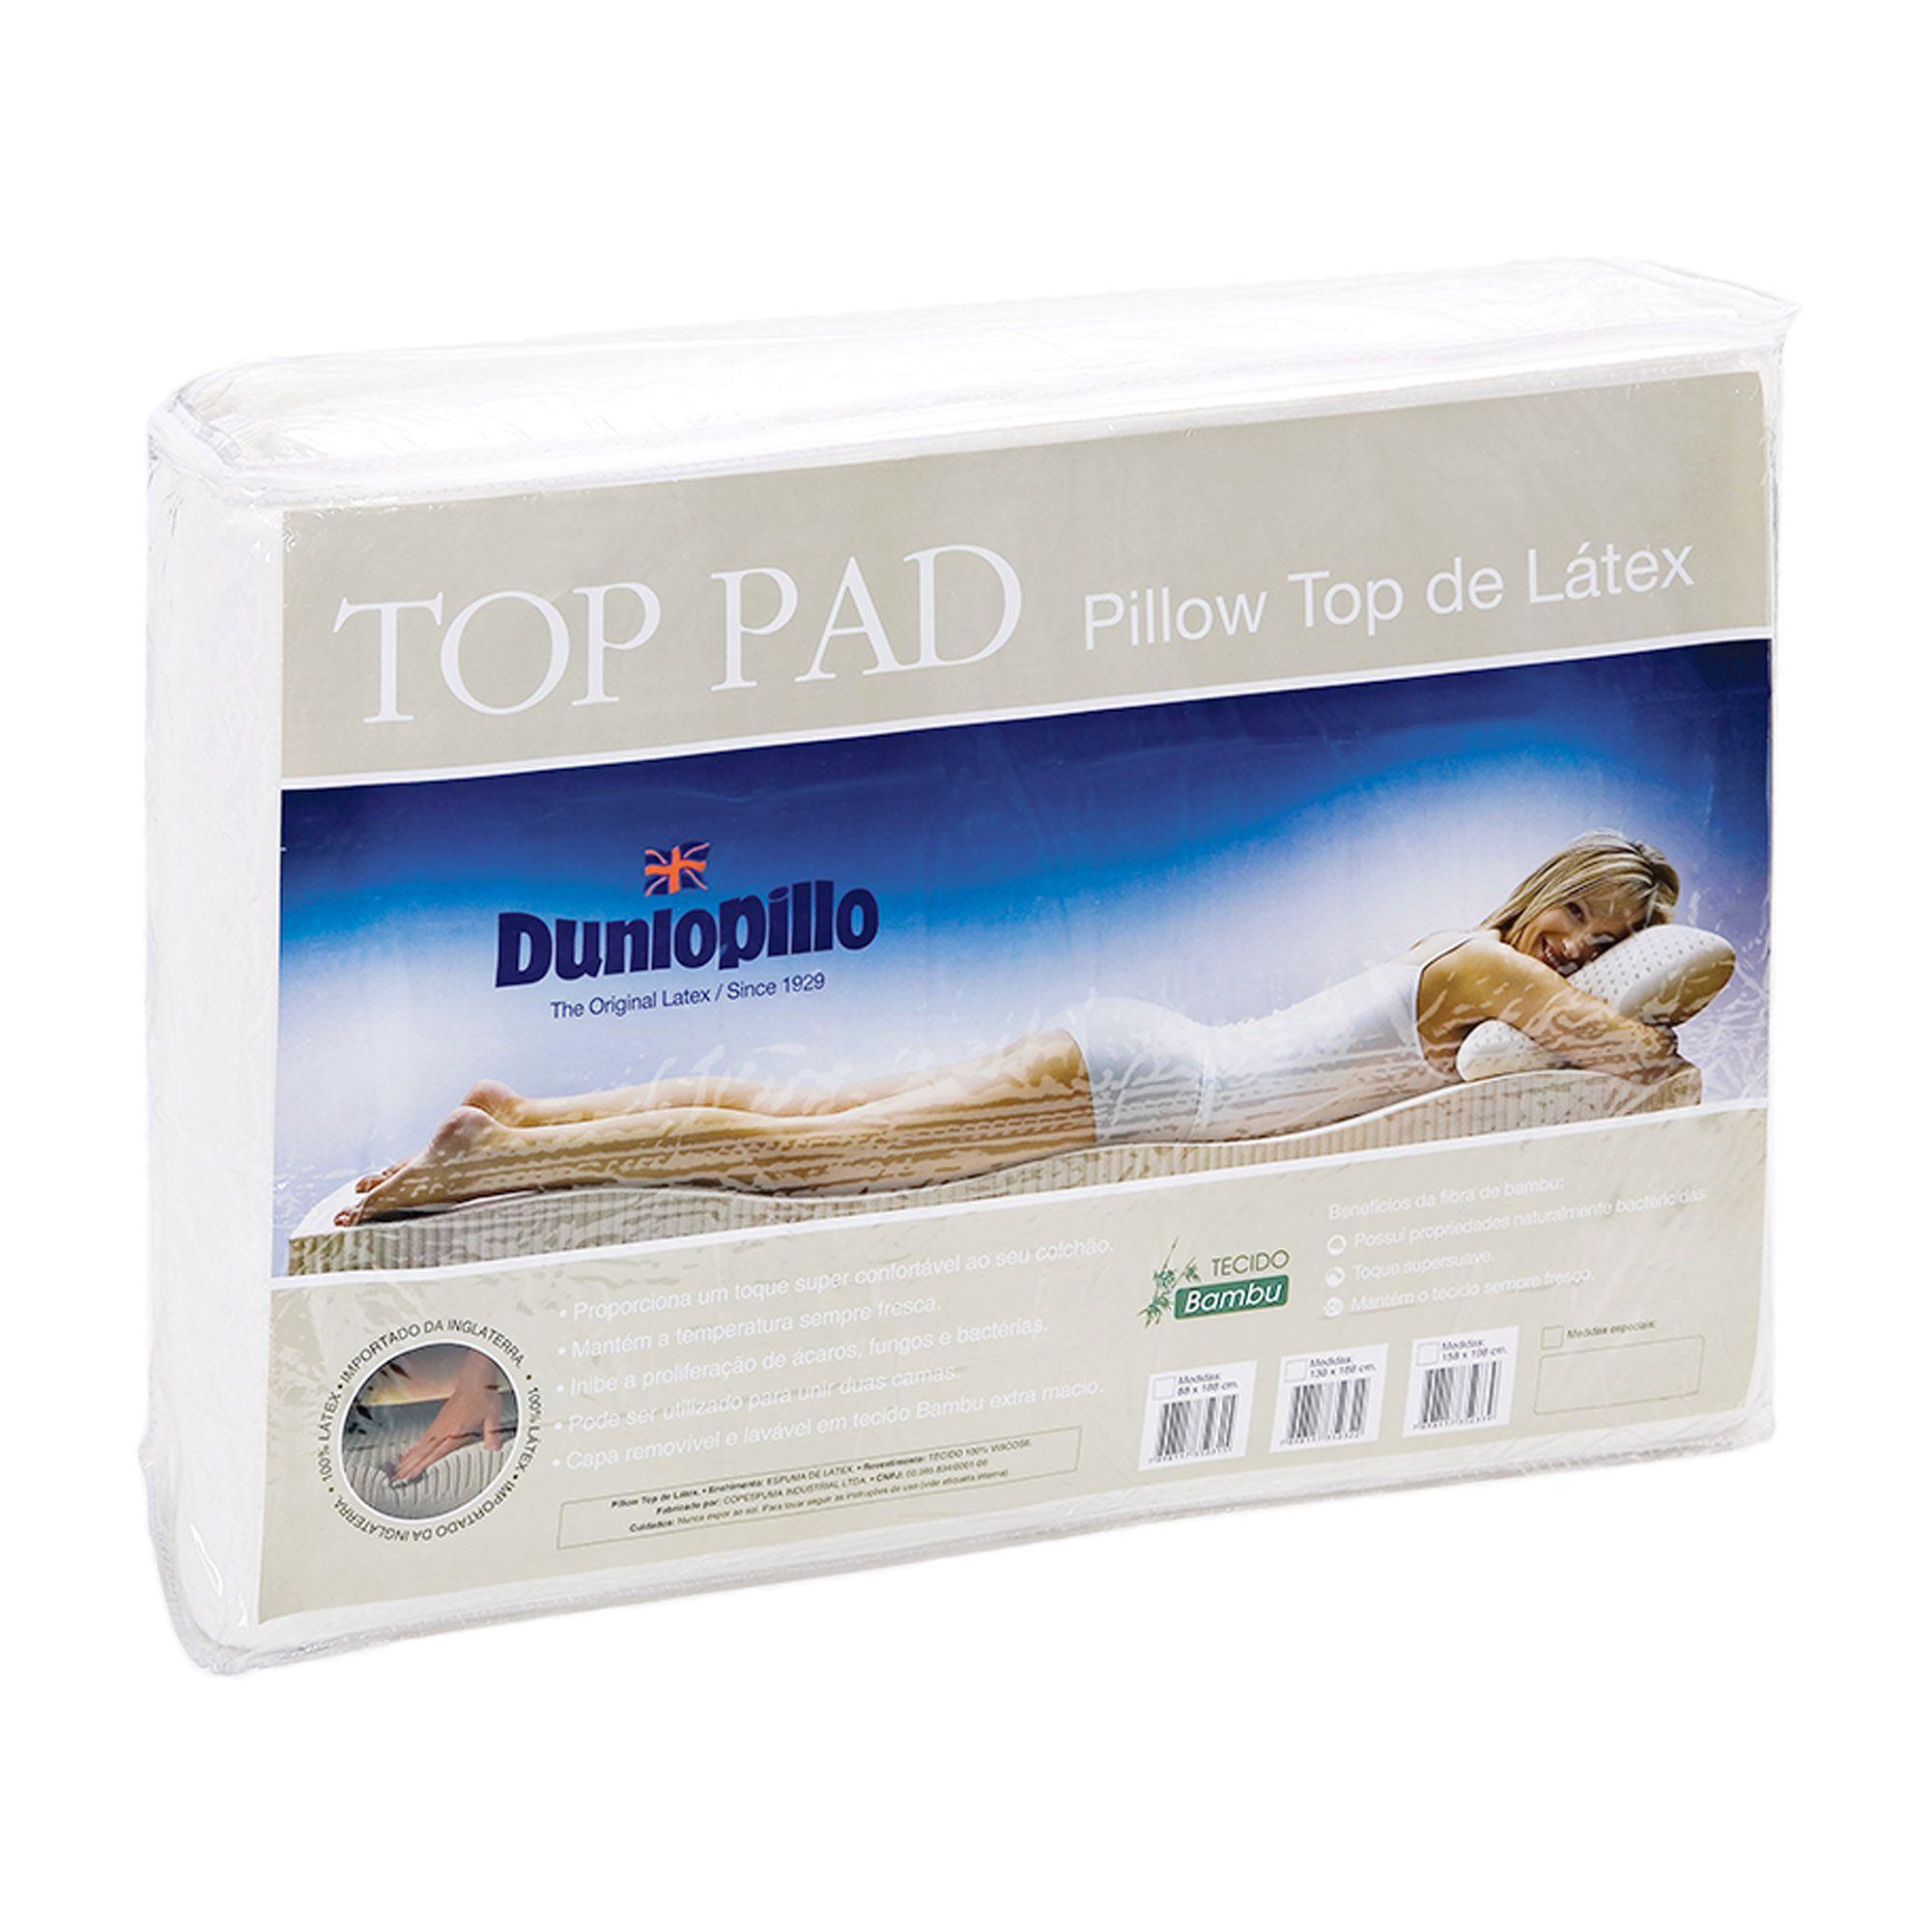 Top Pad - Pillow Top 100% Látex